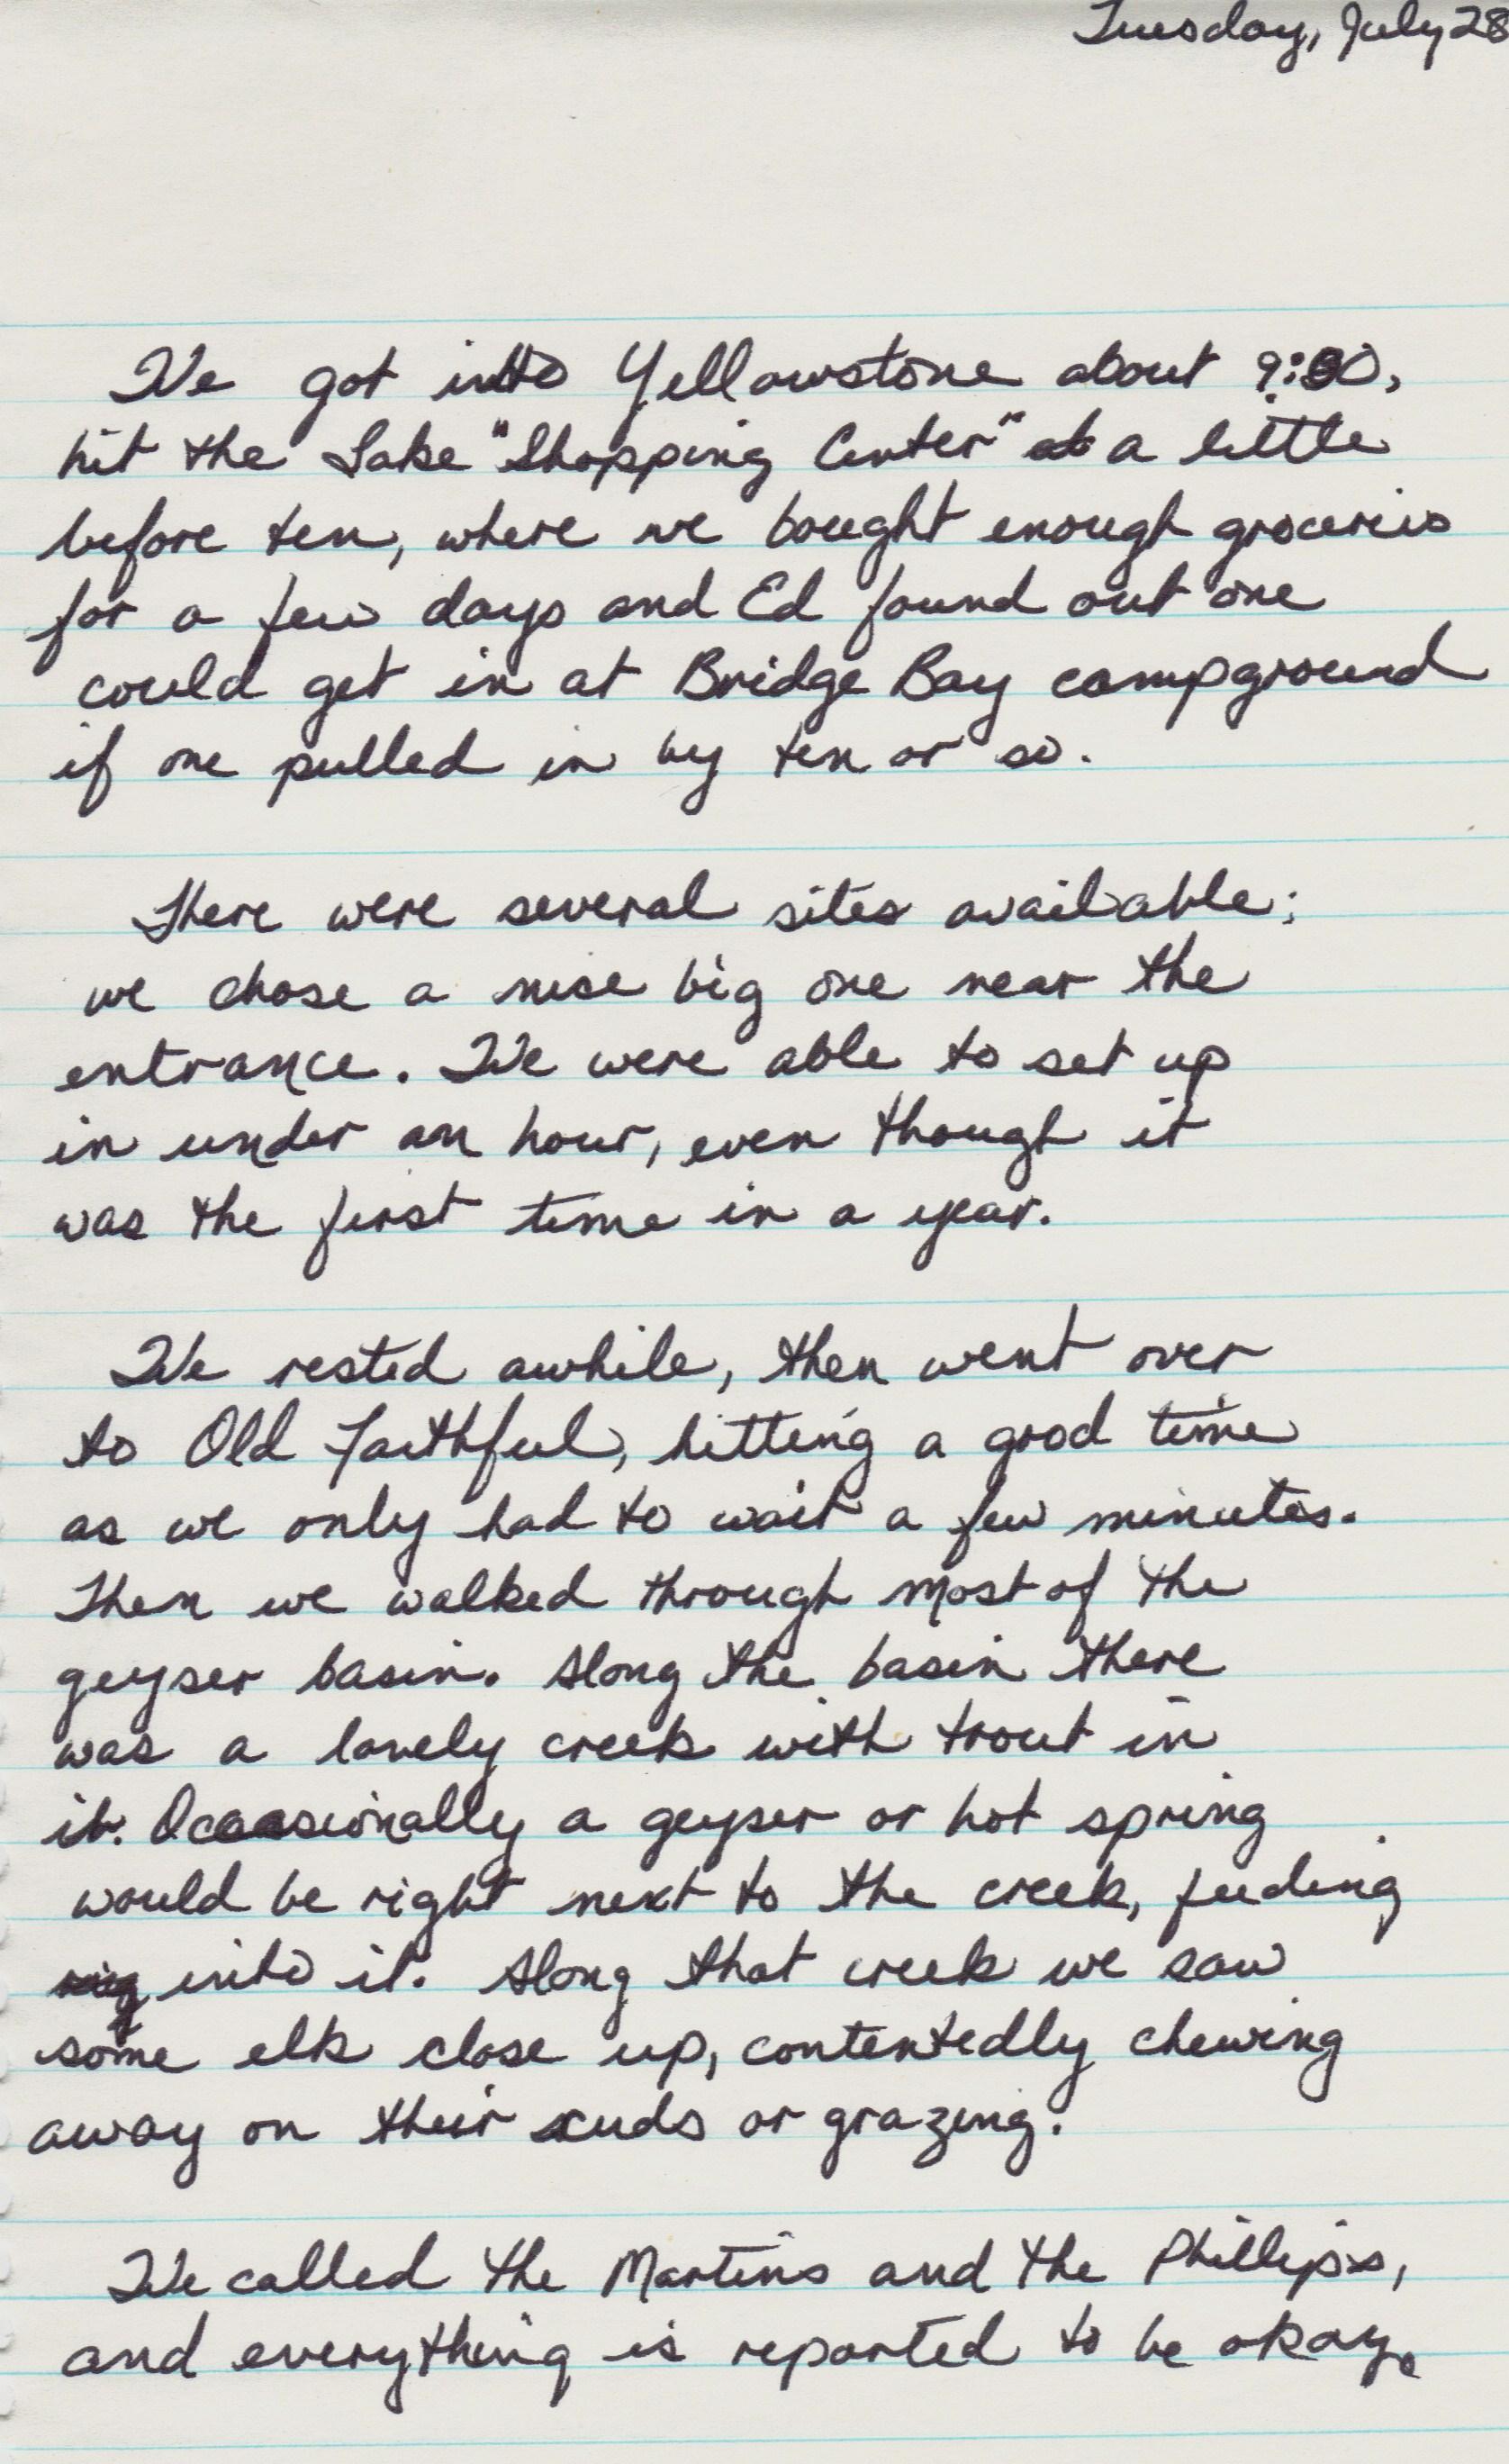 July 28, 1981